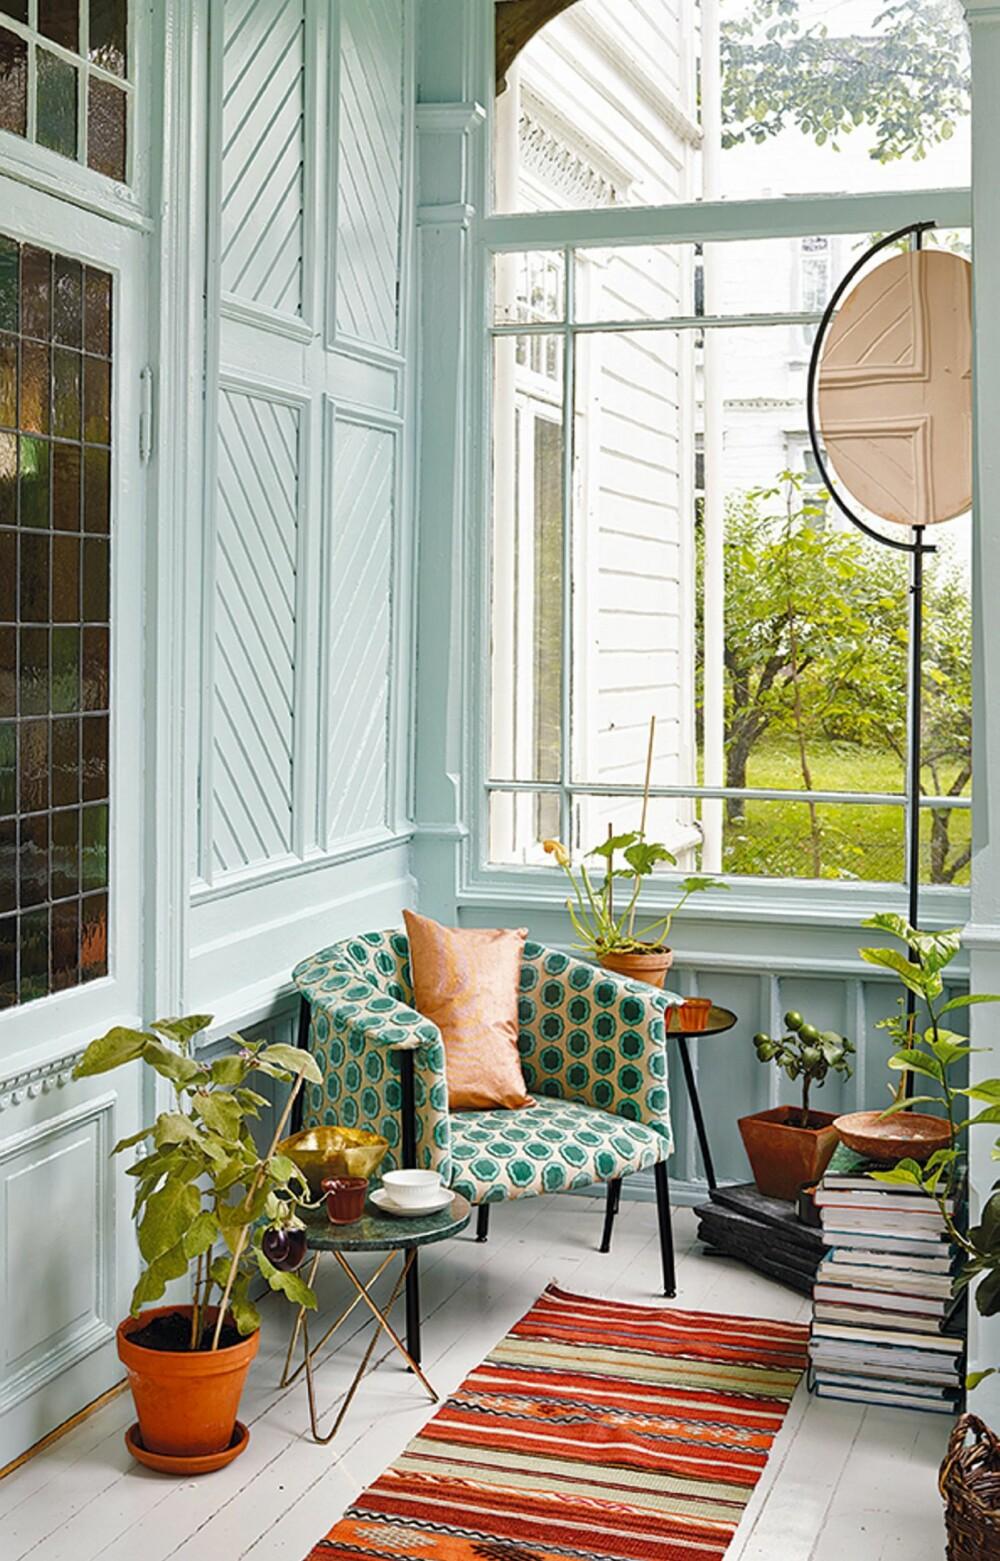 DUSE FARGER: Duse nyanser av blått eller blågrønt vil kunne øke verdien av boligen, mener kreativ leder i Fargerike, Dagny Thurmann-Hoelseth.